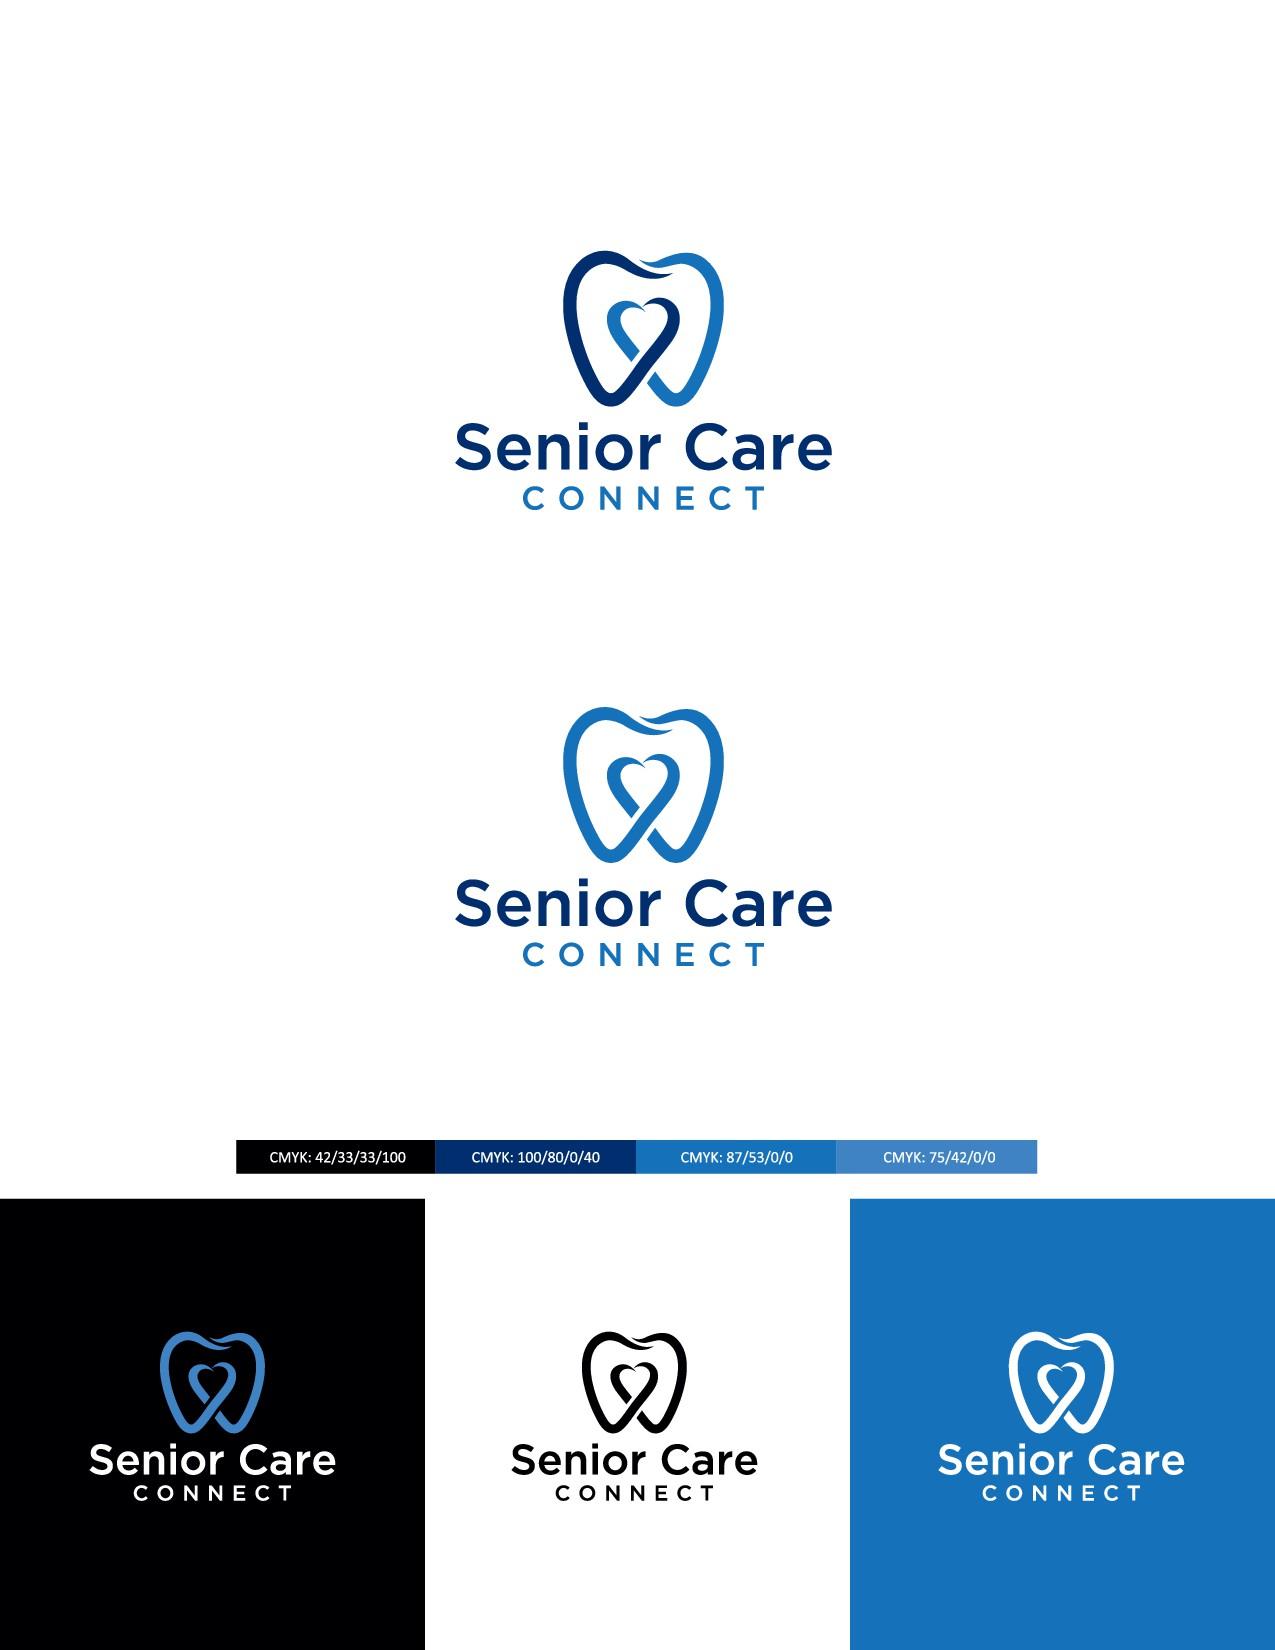 Mobile Dentistry Logo Design